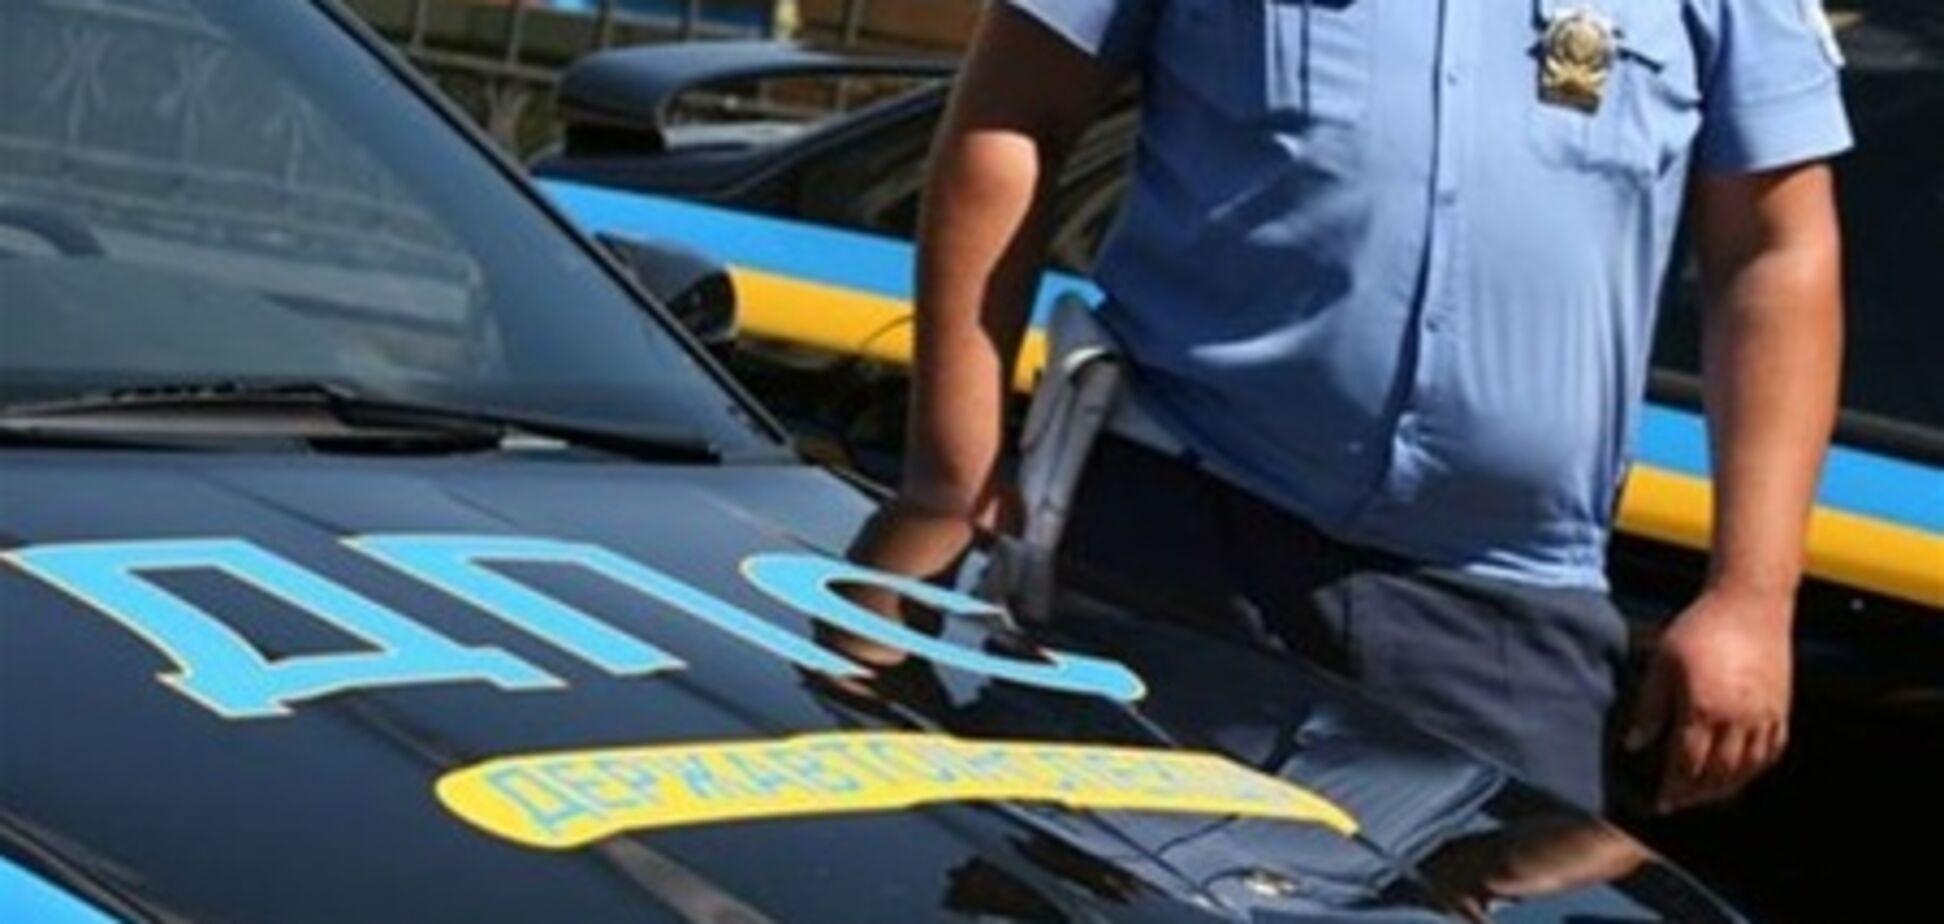 Сотрудники ГАИ Соломенского района столицы оперативно раскрыли грабеж